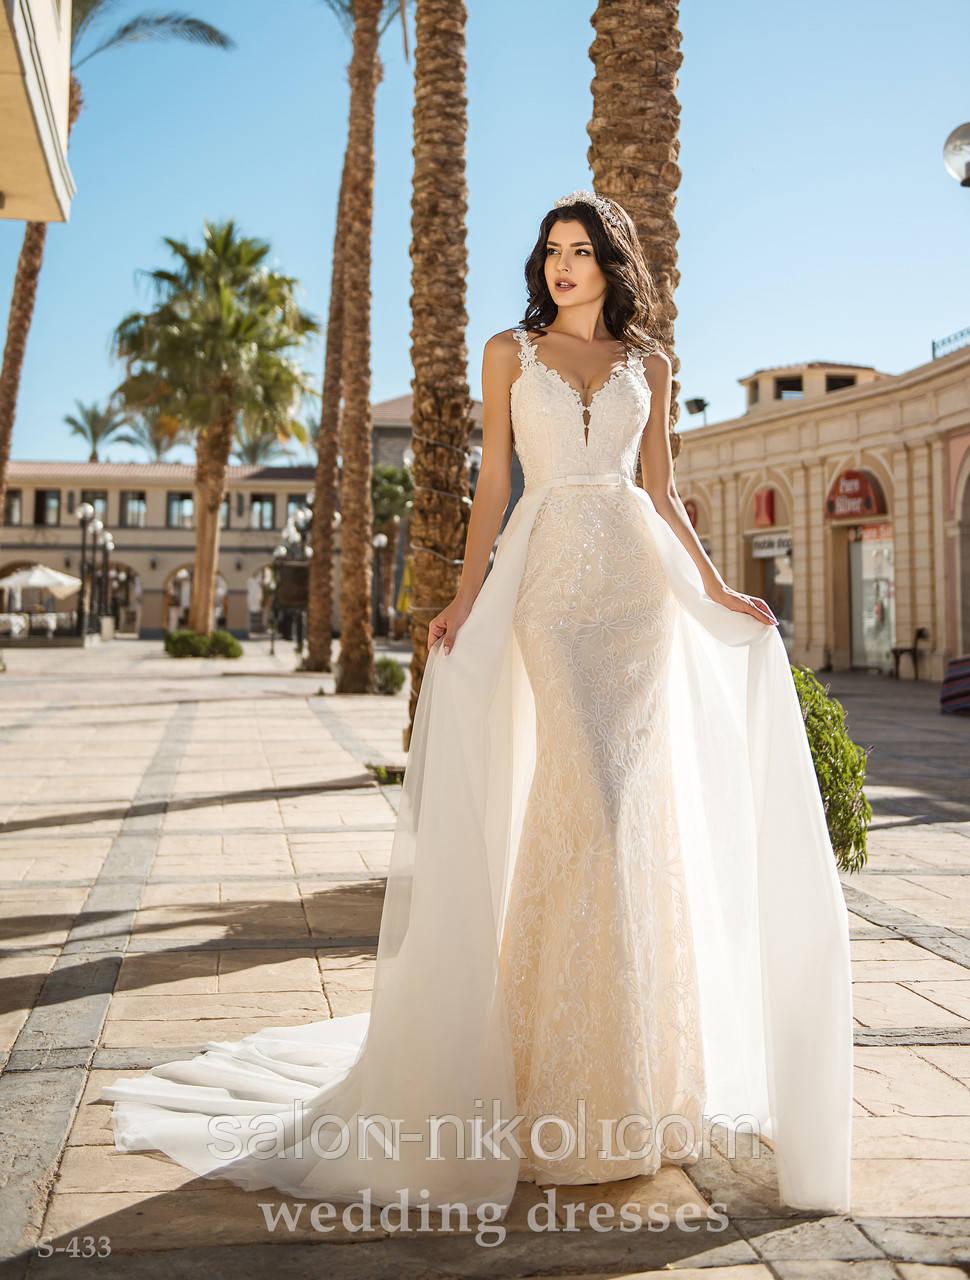 Свадебное платье S-433